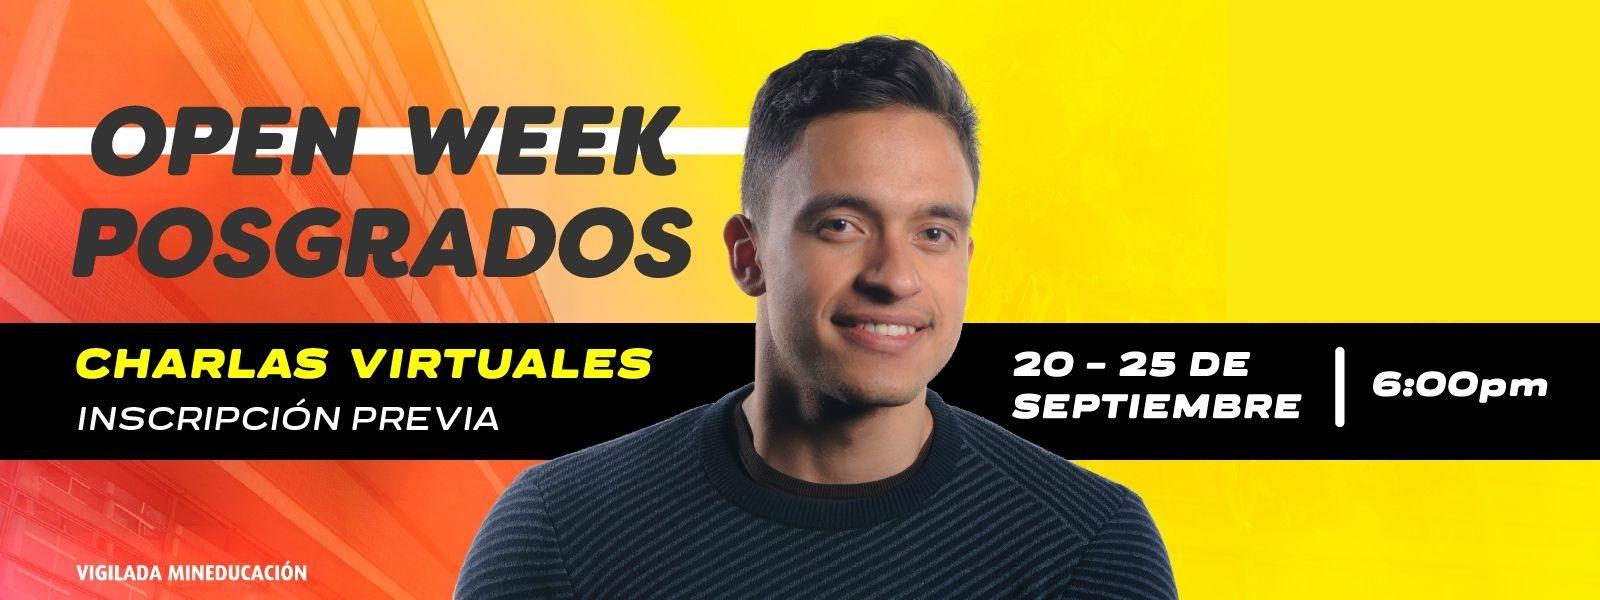 Open Week Posgrados - Universidad de los Andes